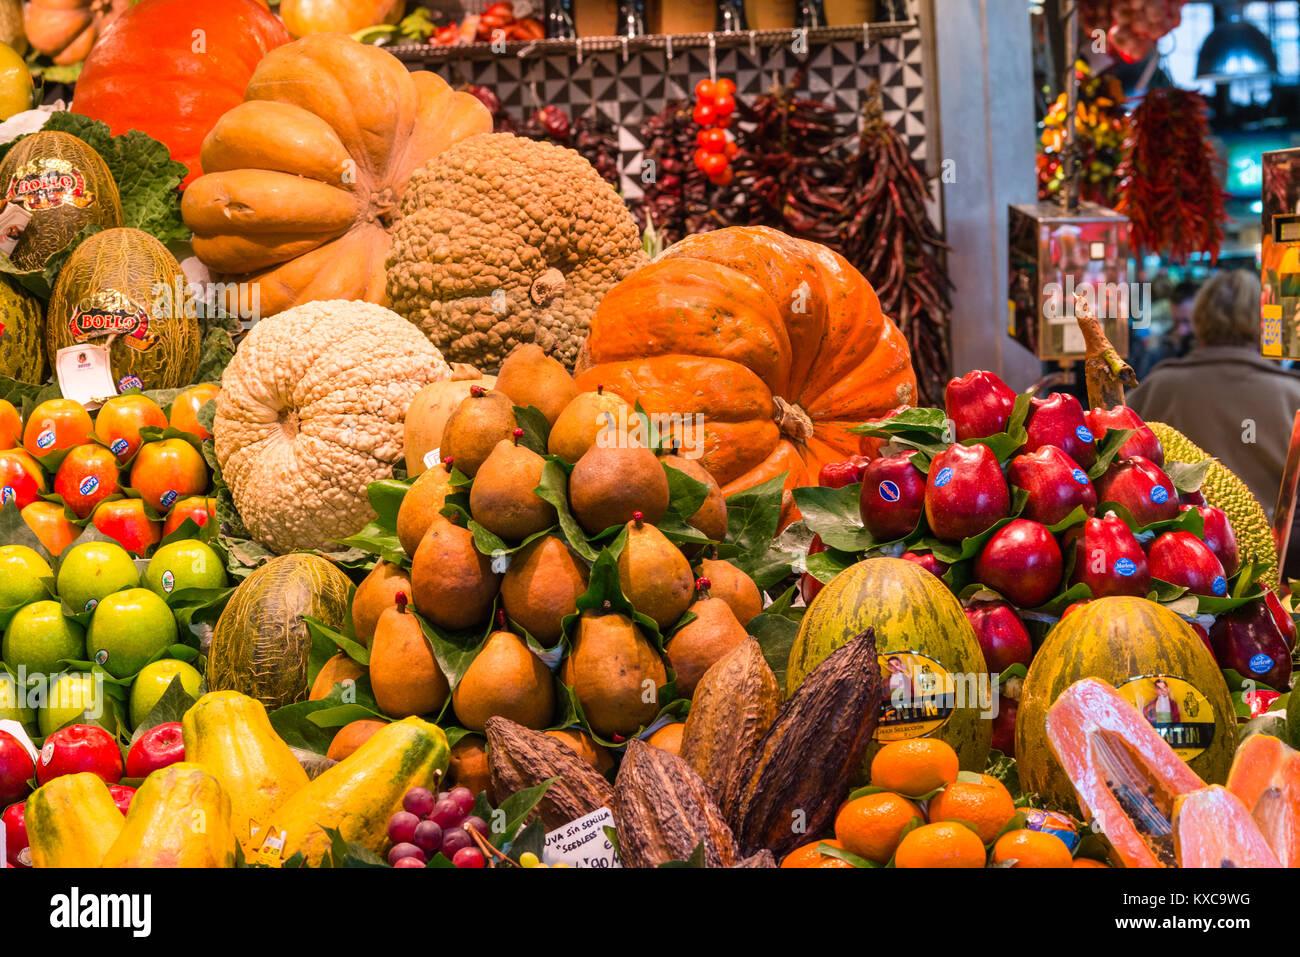 Obst und Gemüse ausgeht, der Markt La Boqueria, La Rambla, Barcelona, Katalonien, Spanien. Stockbild